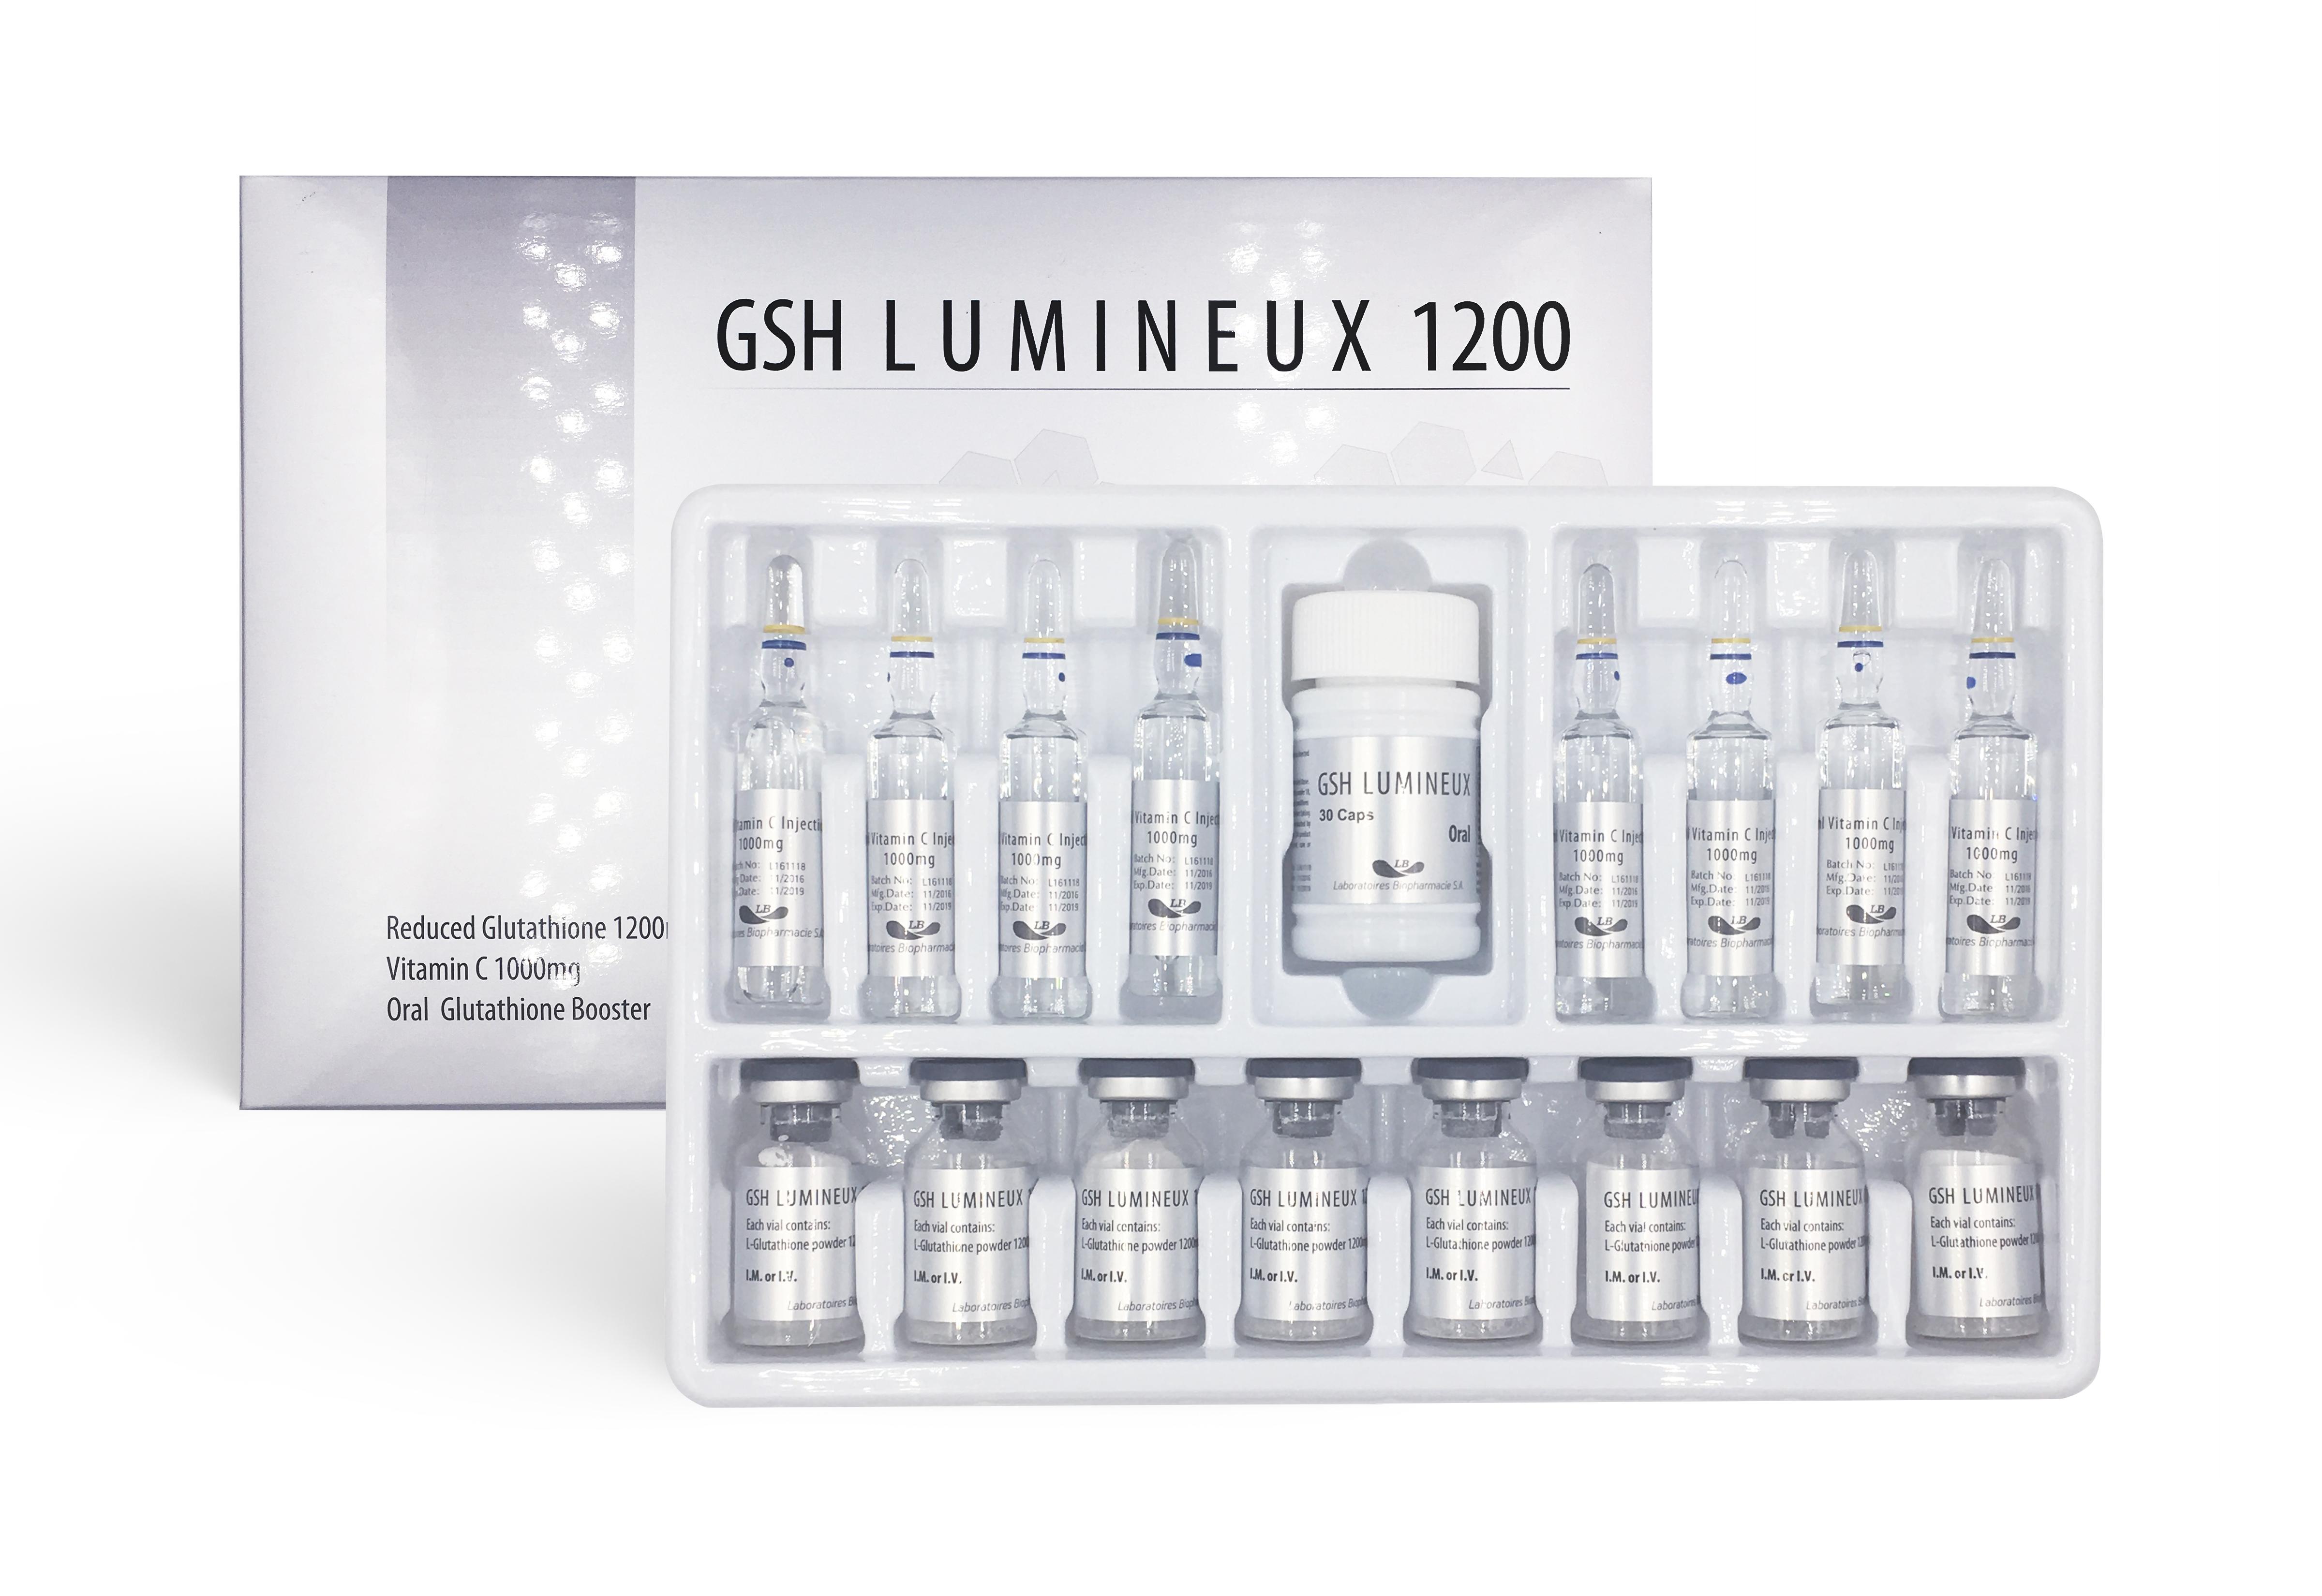 GSH Lumineux 1200